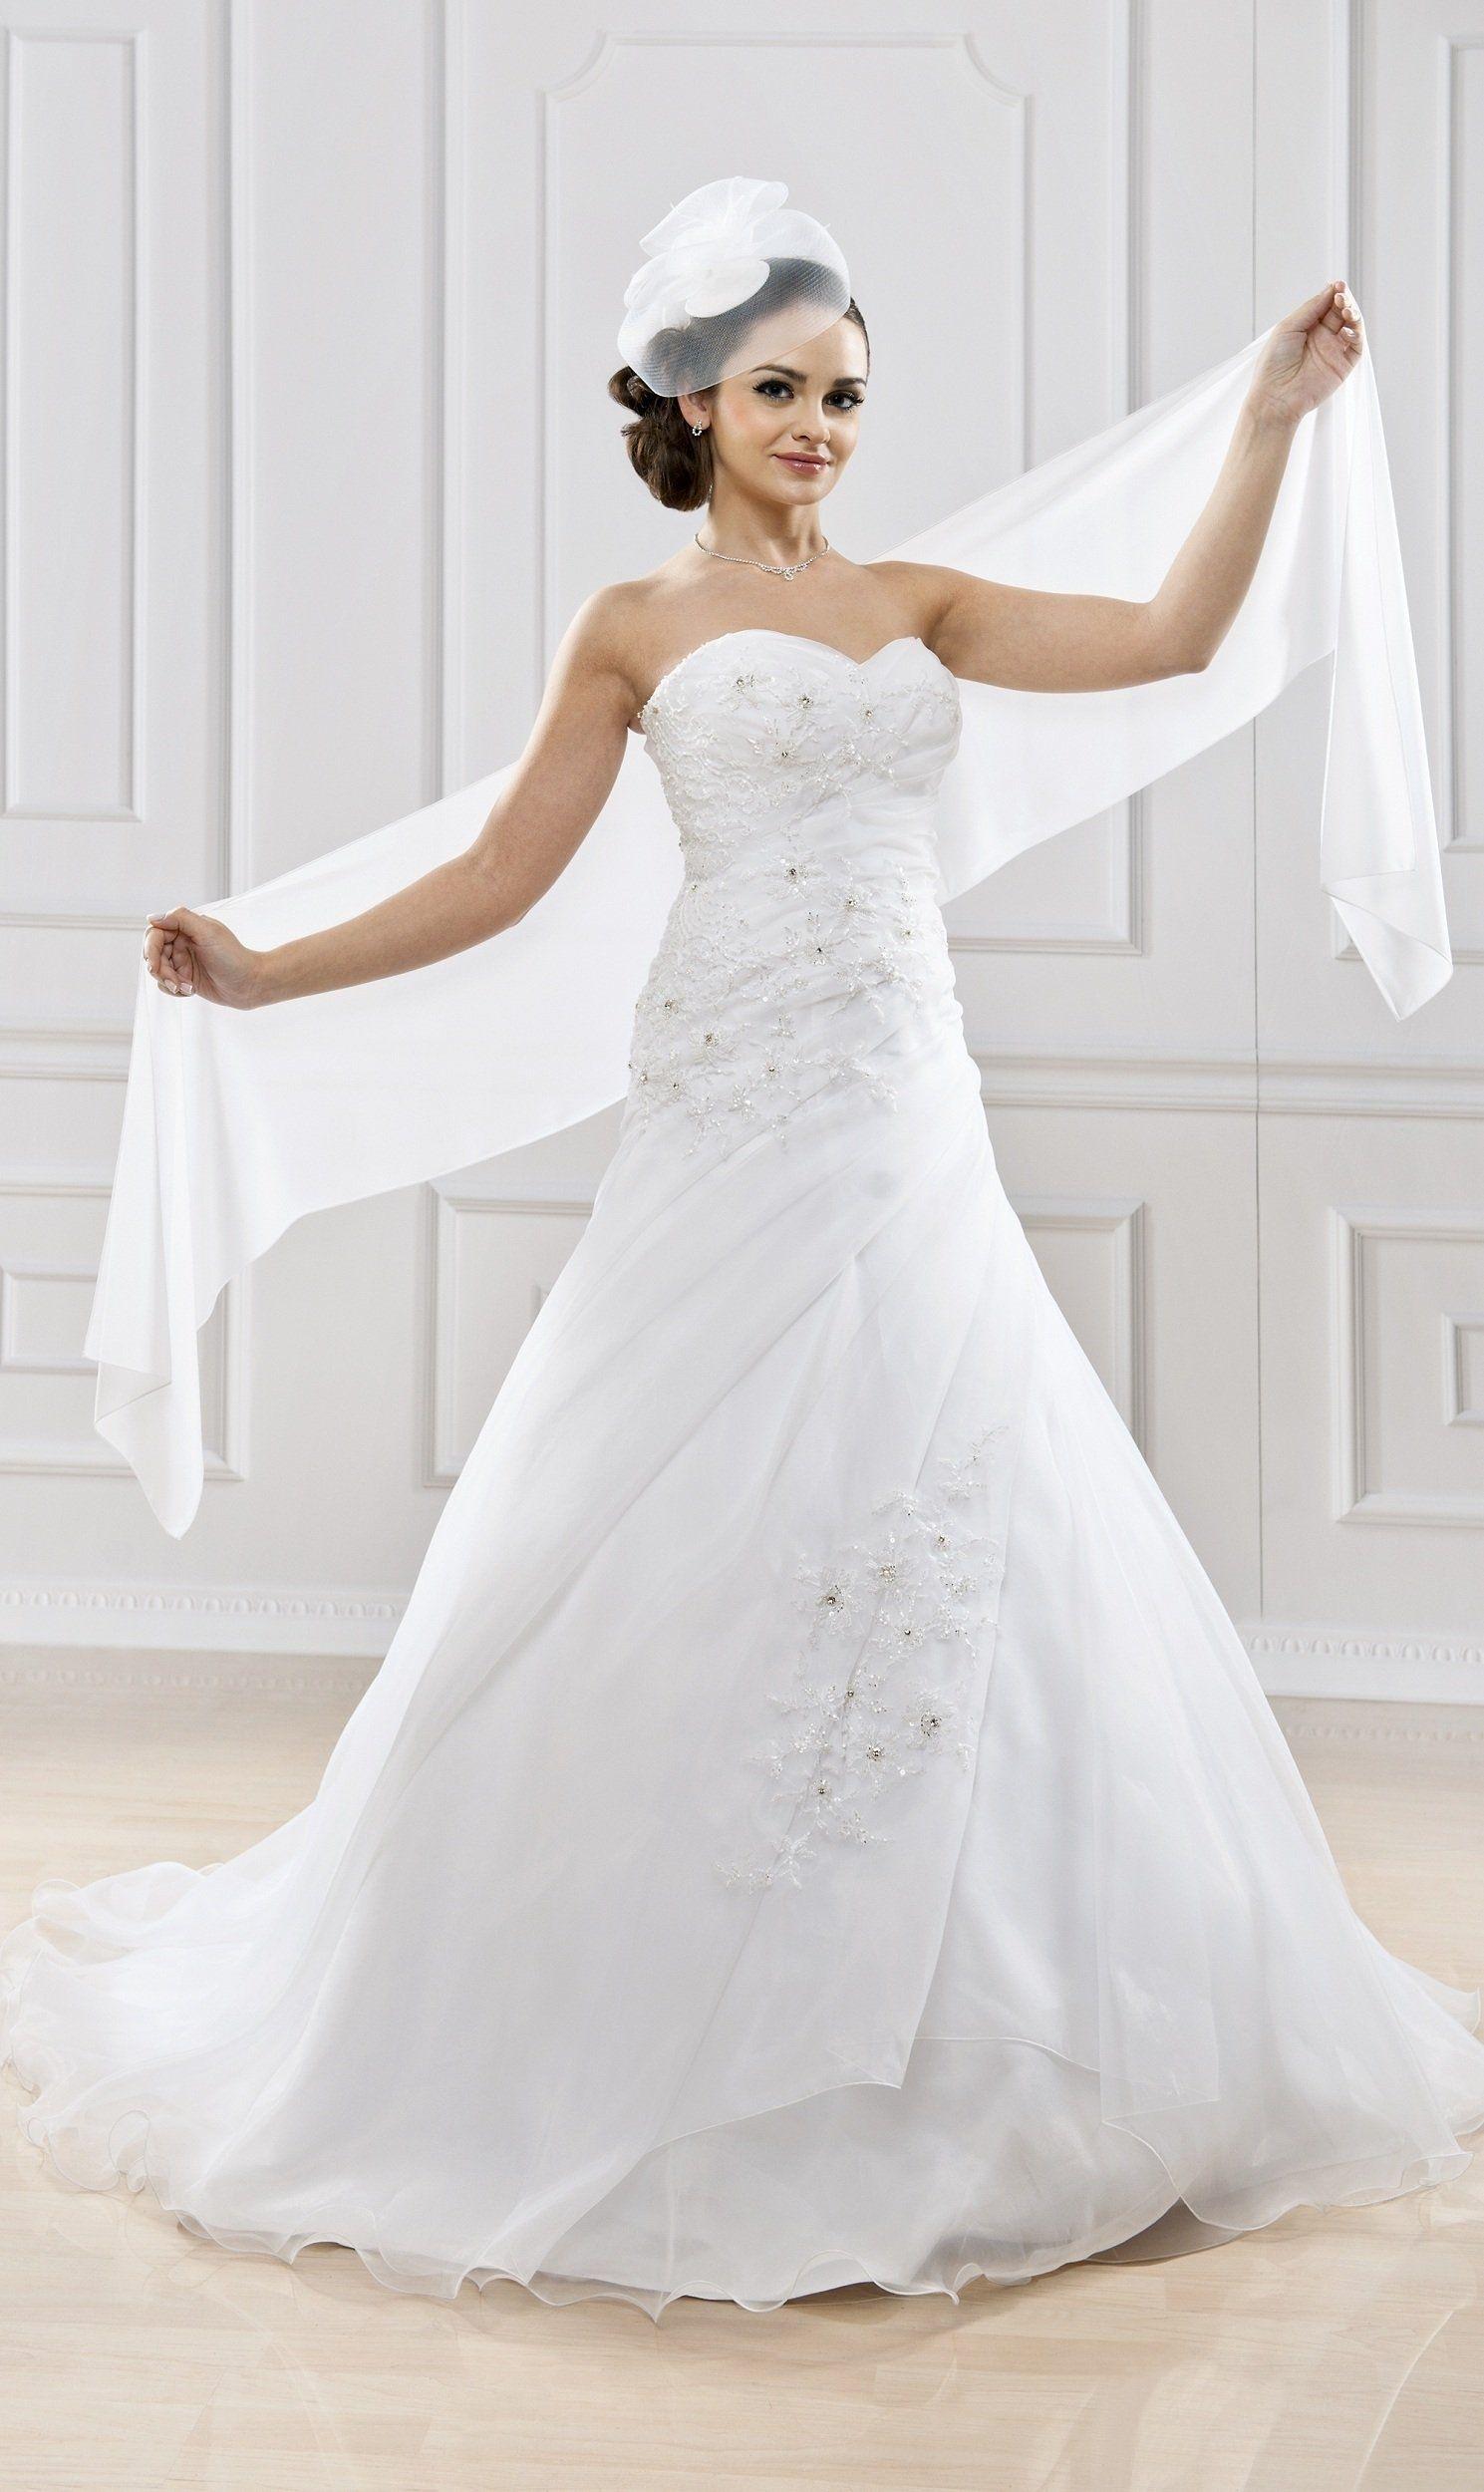 10 Einfach Hochzeitskleider Online Galerie10 Genial Hochzeitskleider Online Boutique